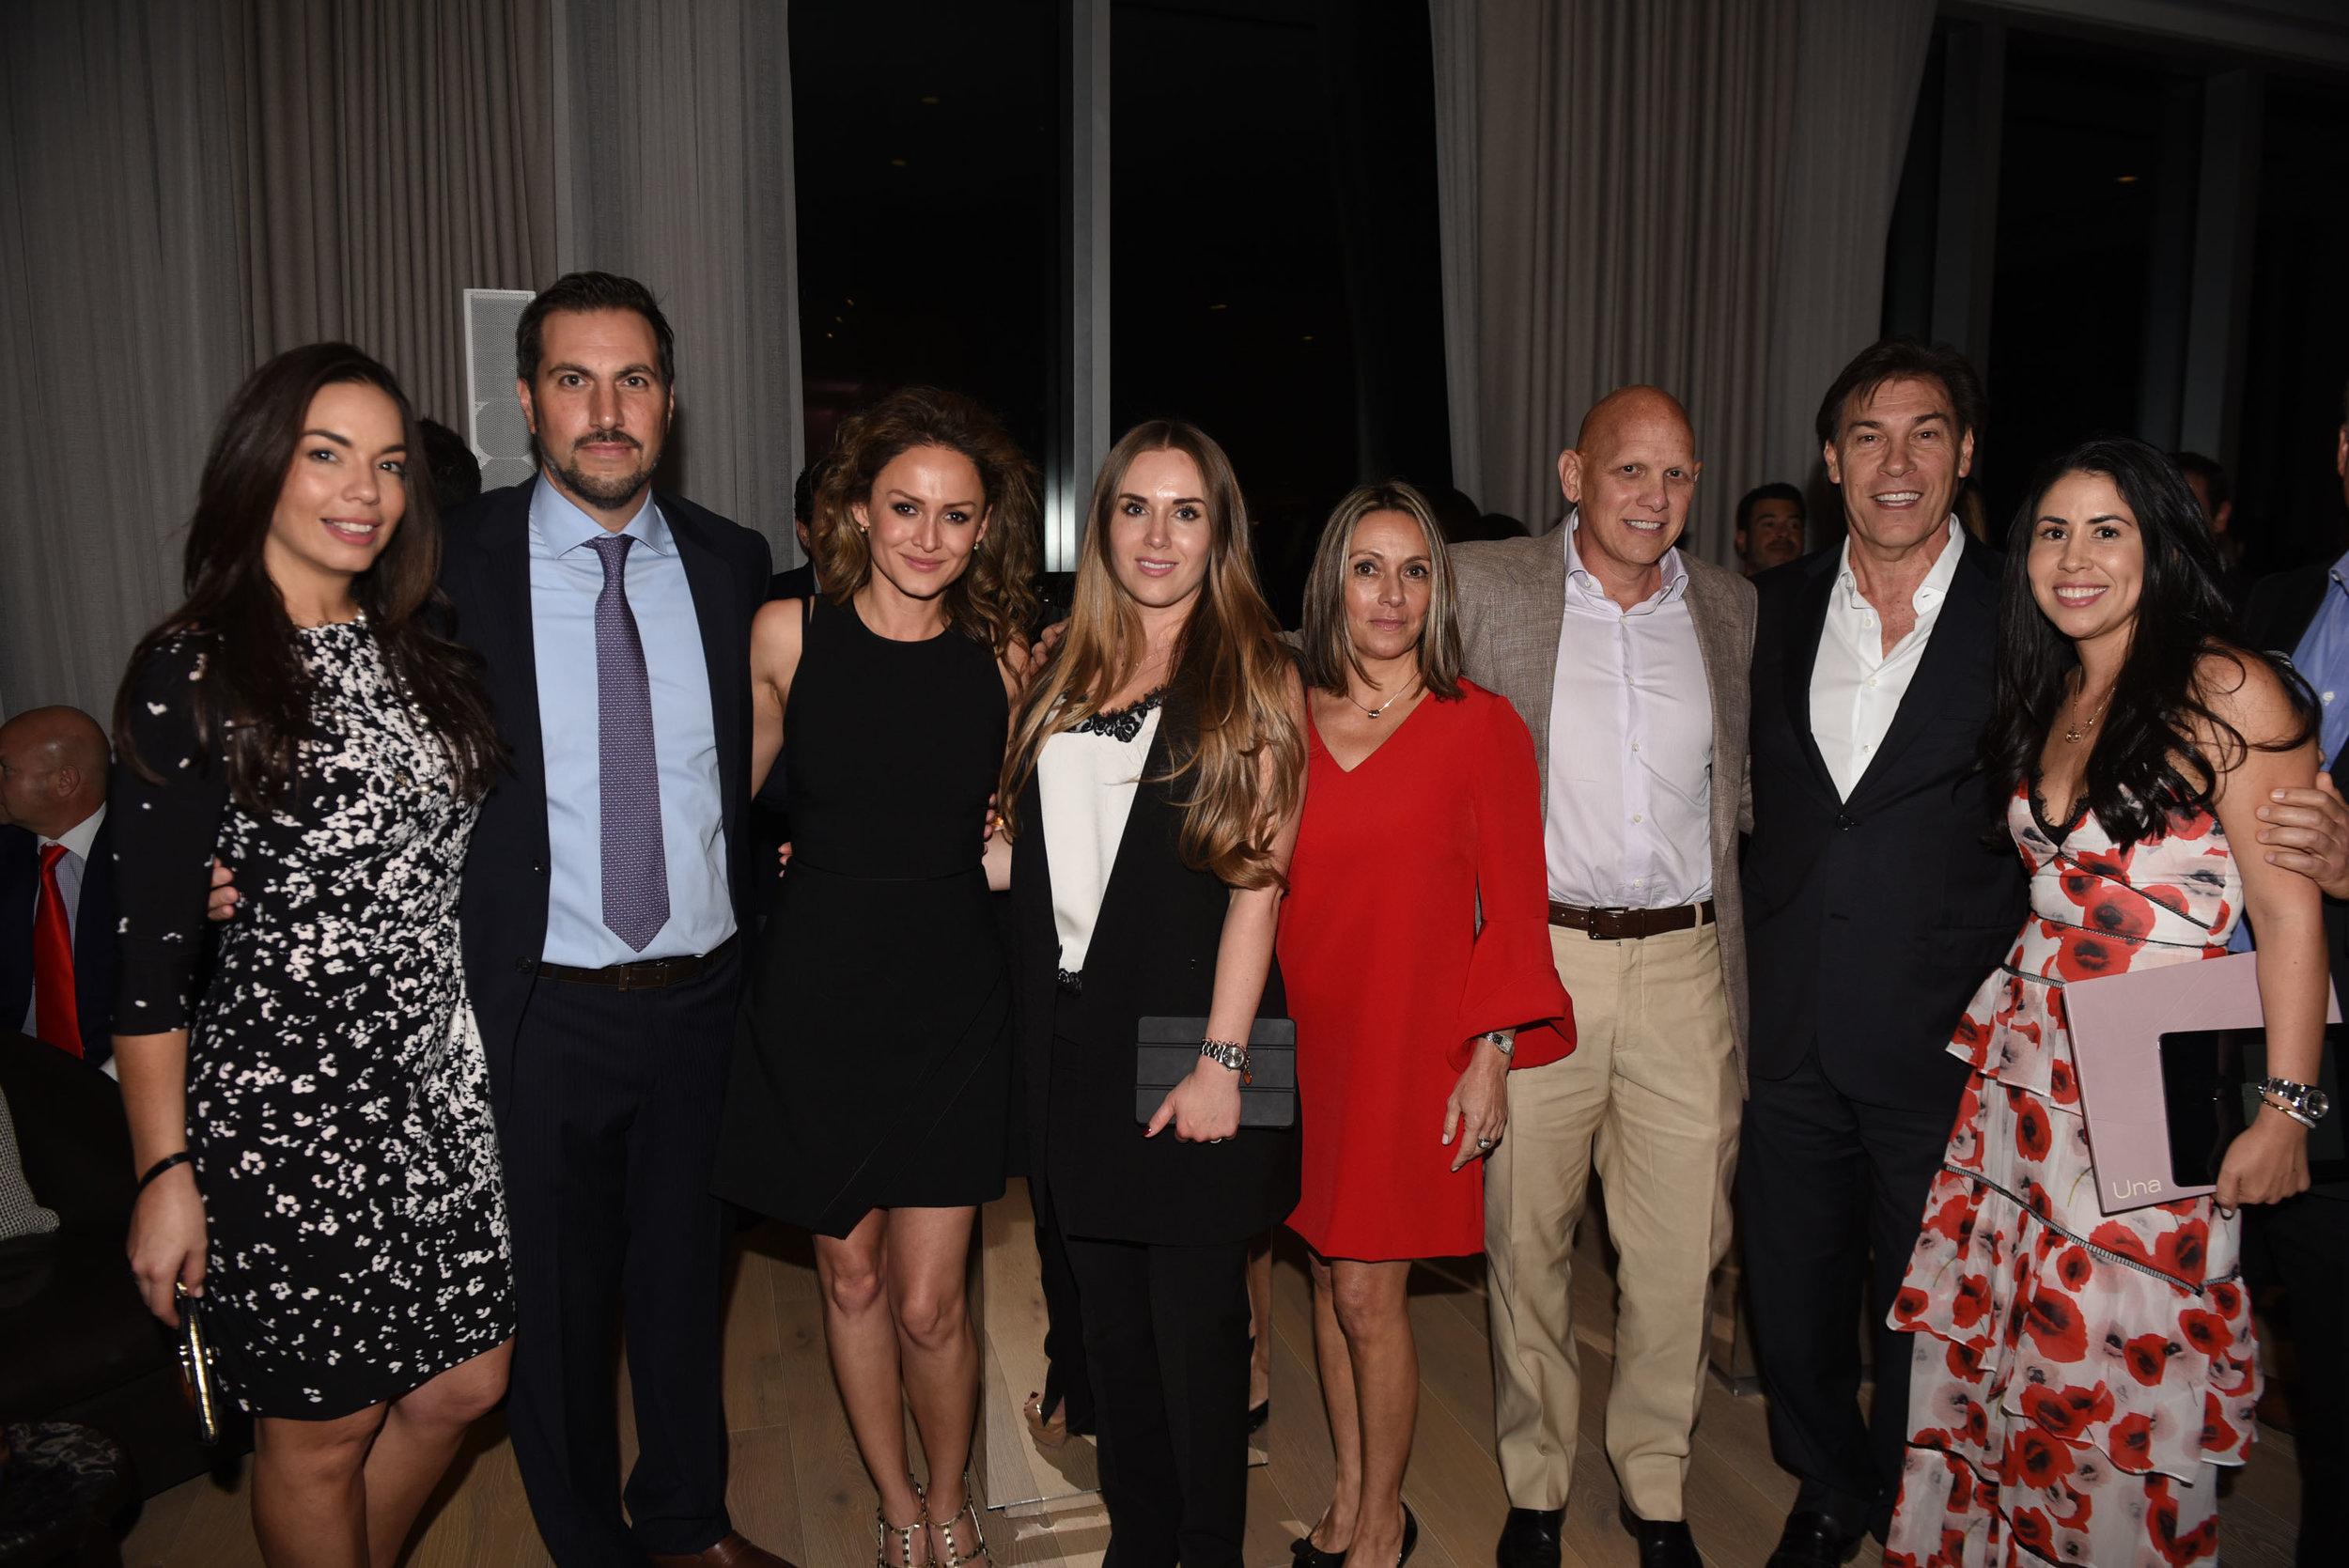 Arlys Moralez, Daiana Quiceno, Catalina Martinez, Ana Tajes, Fran Scola, Edgardo Defortuna & Daiana Quiceno